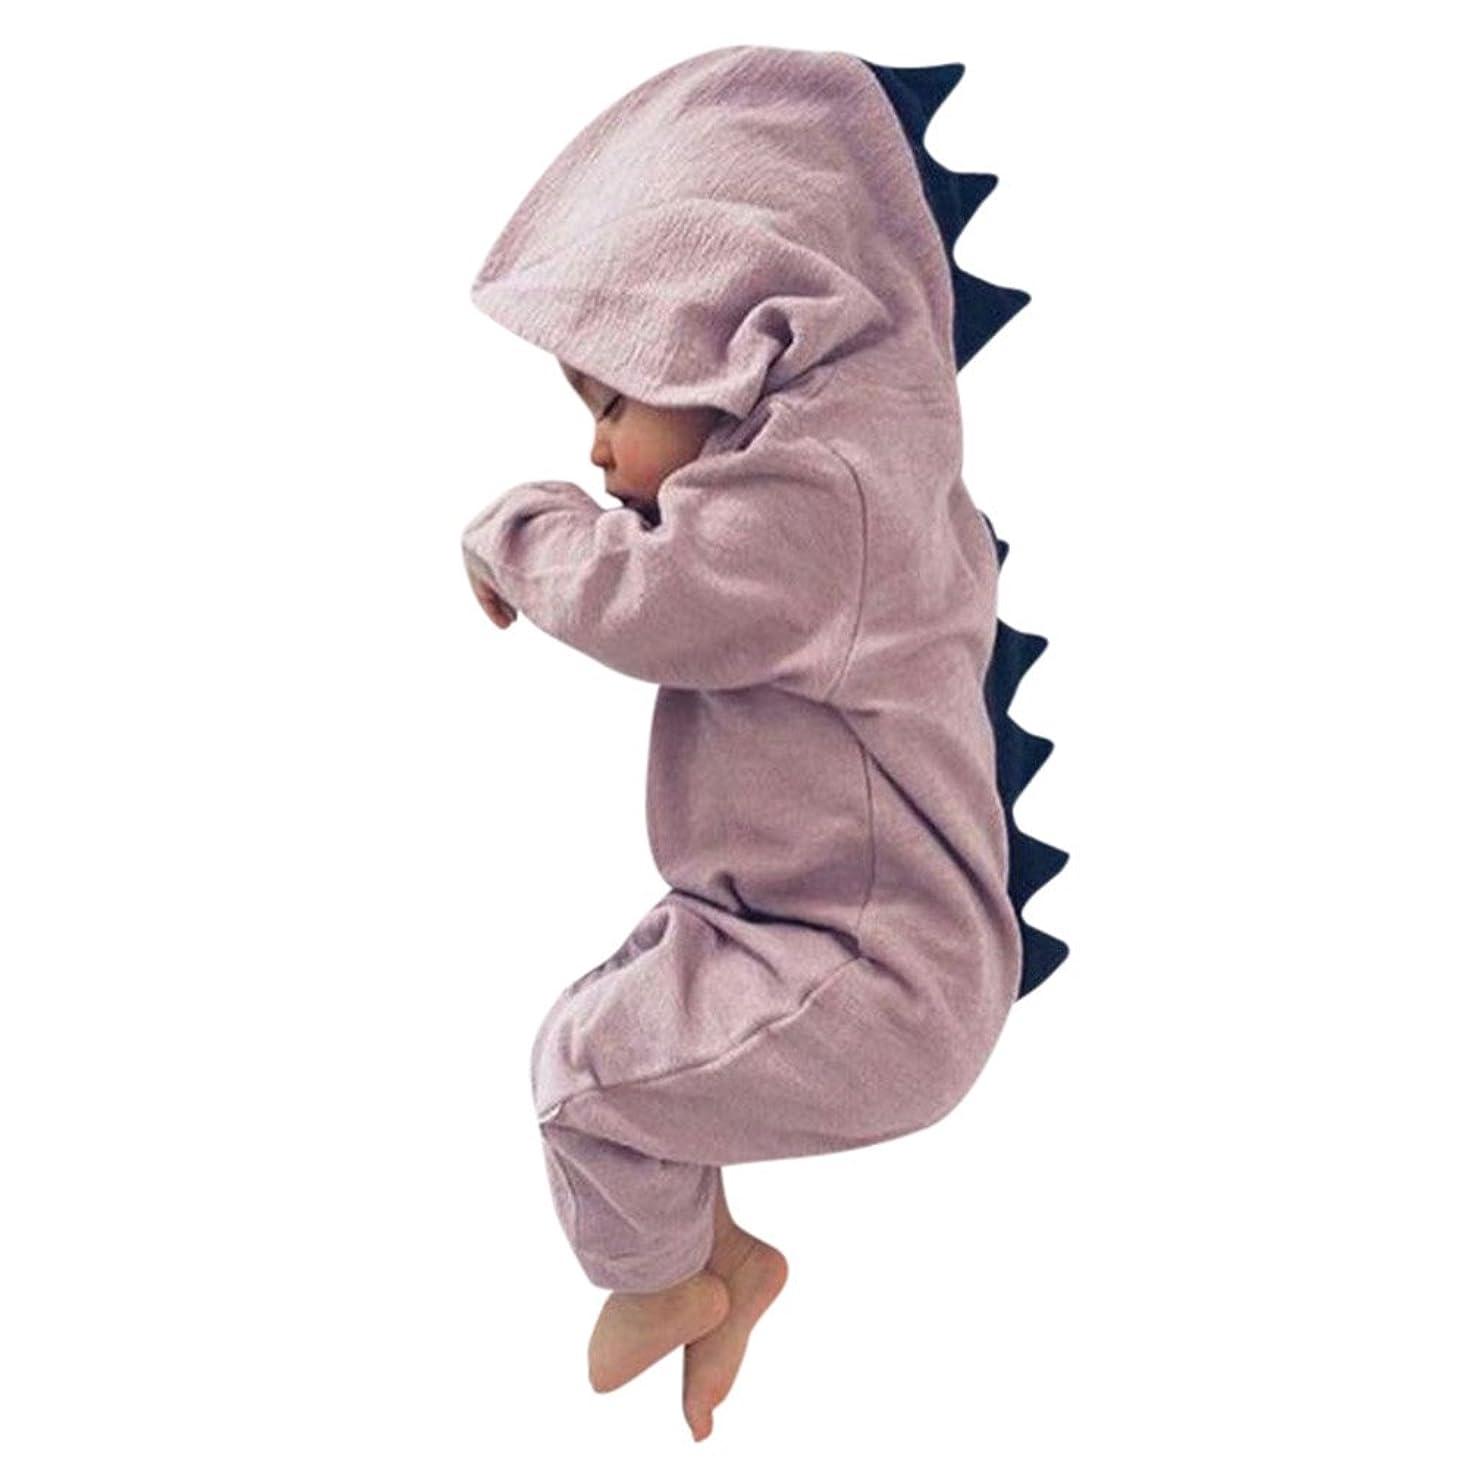 明示的にギャングスターソーダ水POTOJP 着ぐるみ コスプレ 薄い ベビー服 恐竜ちゃん 子供用 ロンパース 仮装 ダンス衣装 コスチューム 赤ちゃん 防寒着 撮影 出産祝い 寝相アート 日常着 (3M/60CM, Pink)